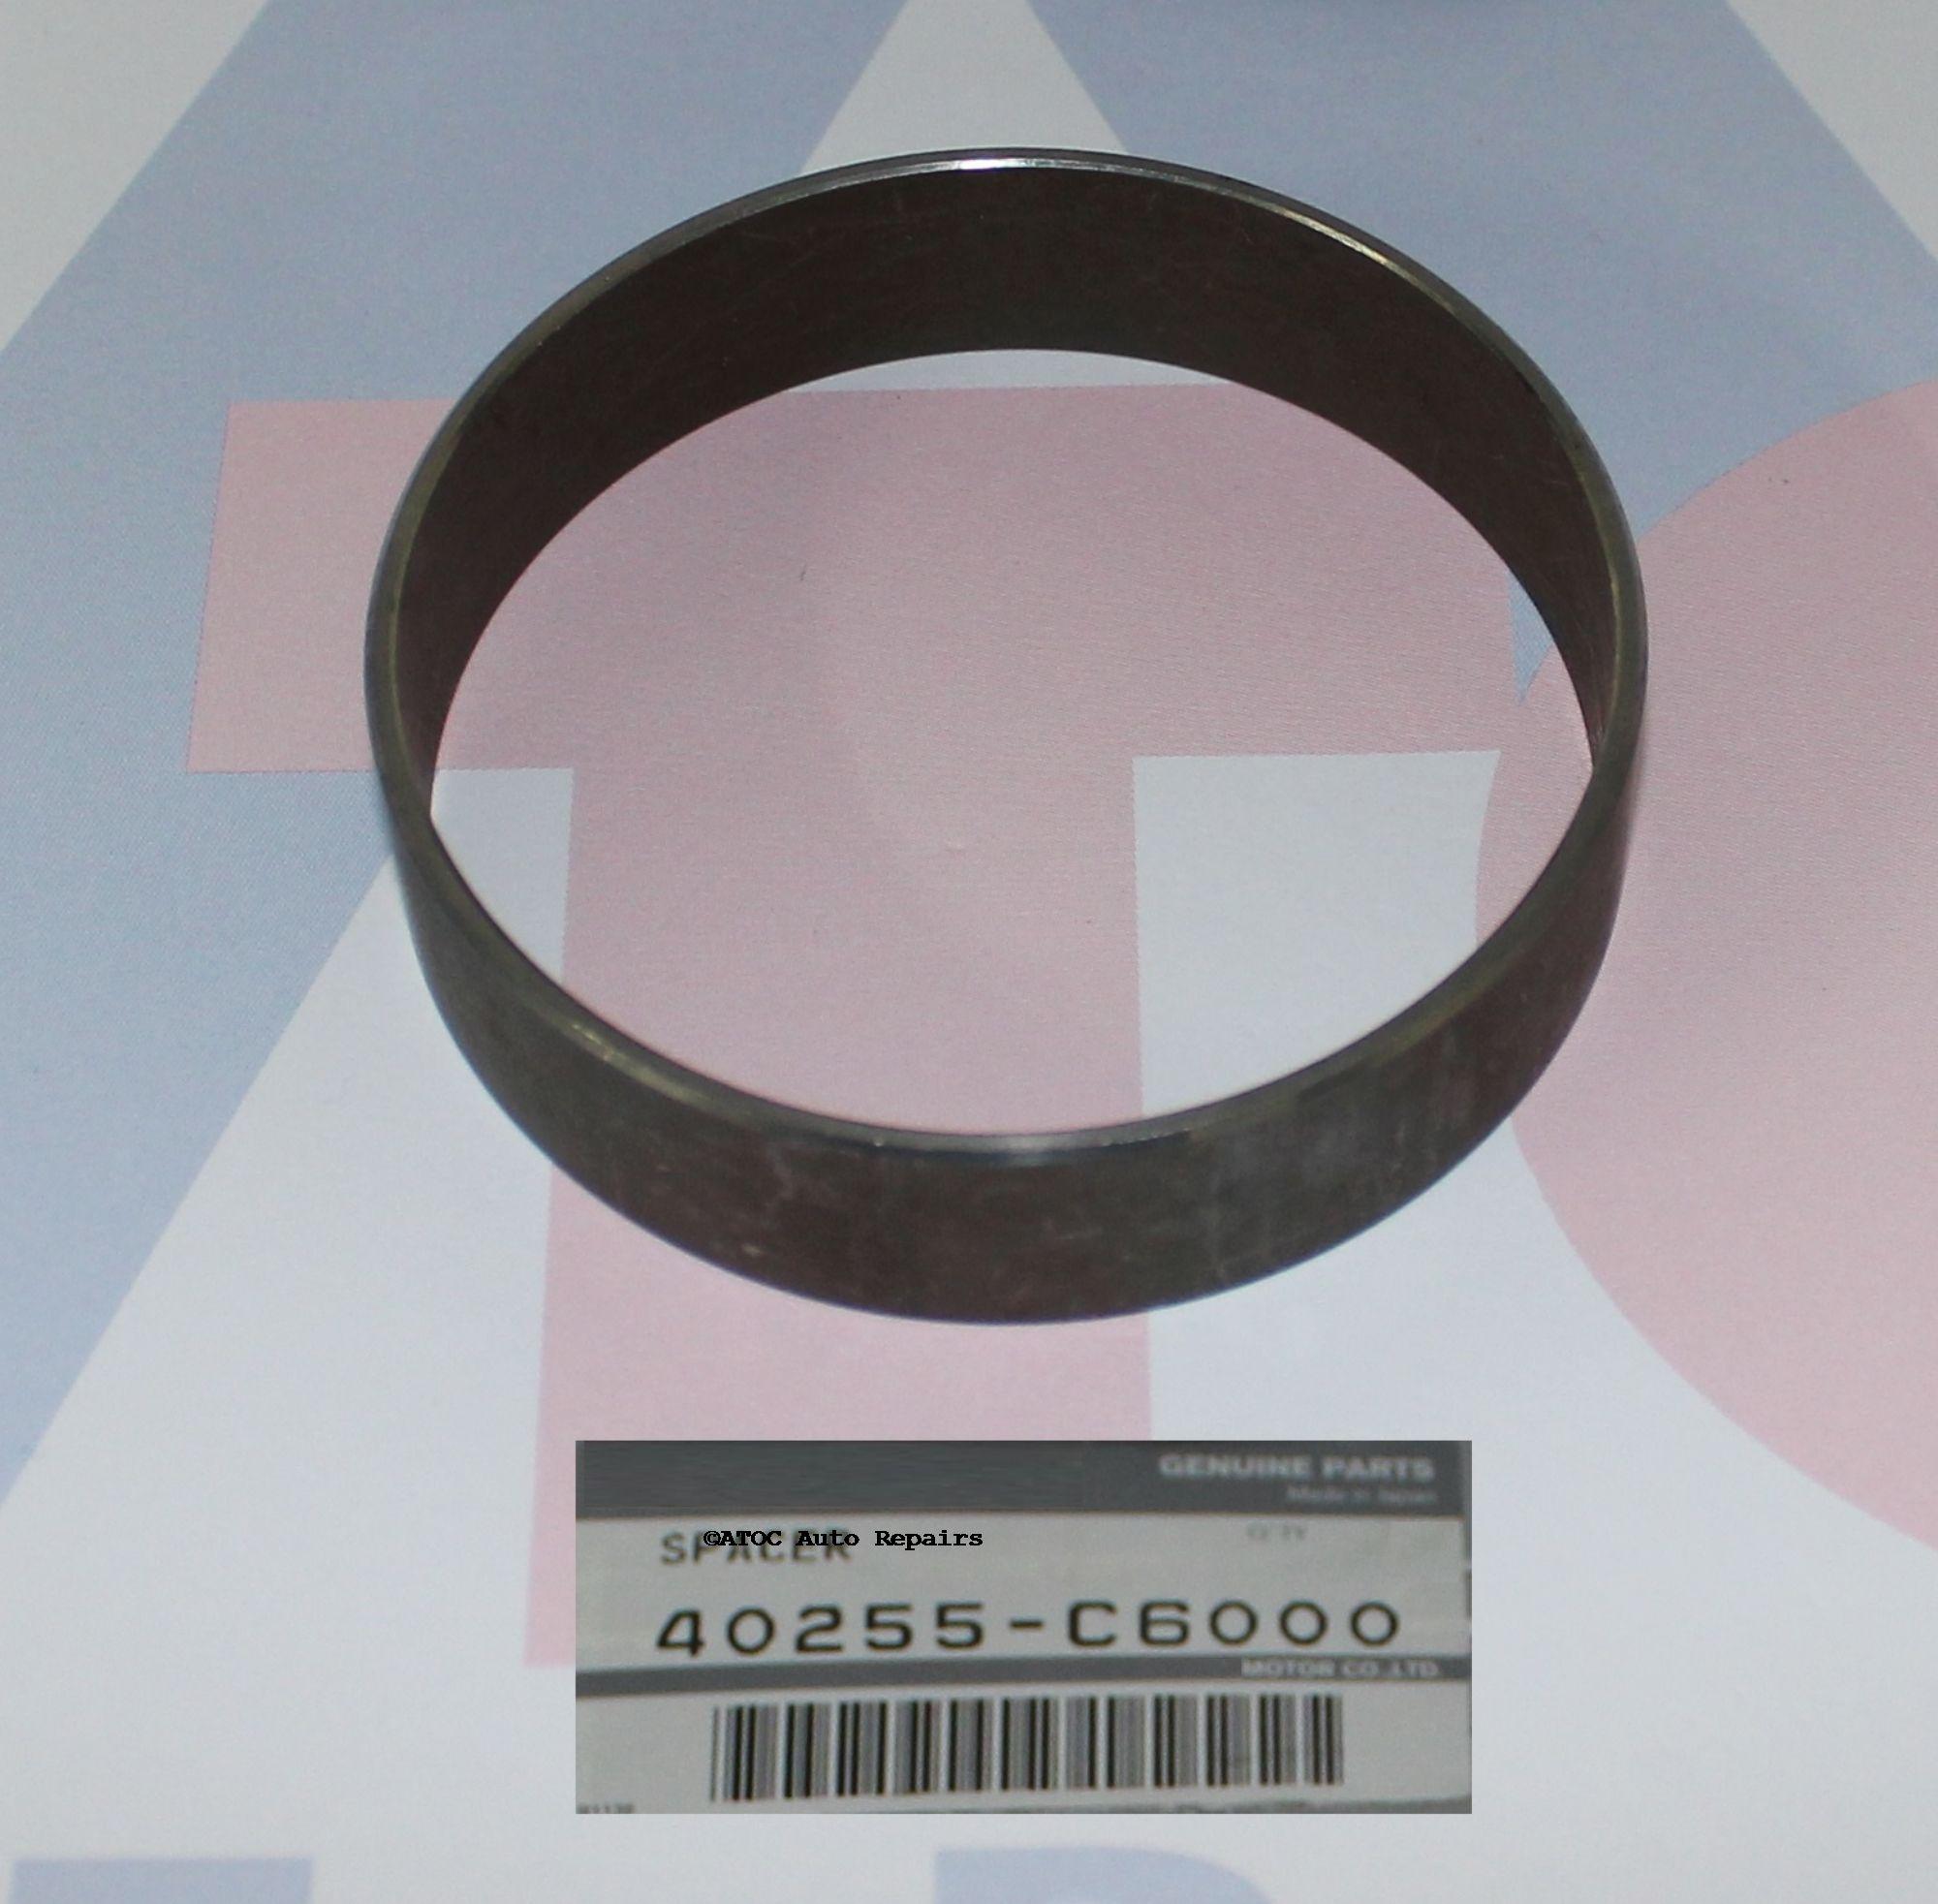 OEM Genuine Free wheeling hub spacer ring to fit Nissan GQ & GU Patrol